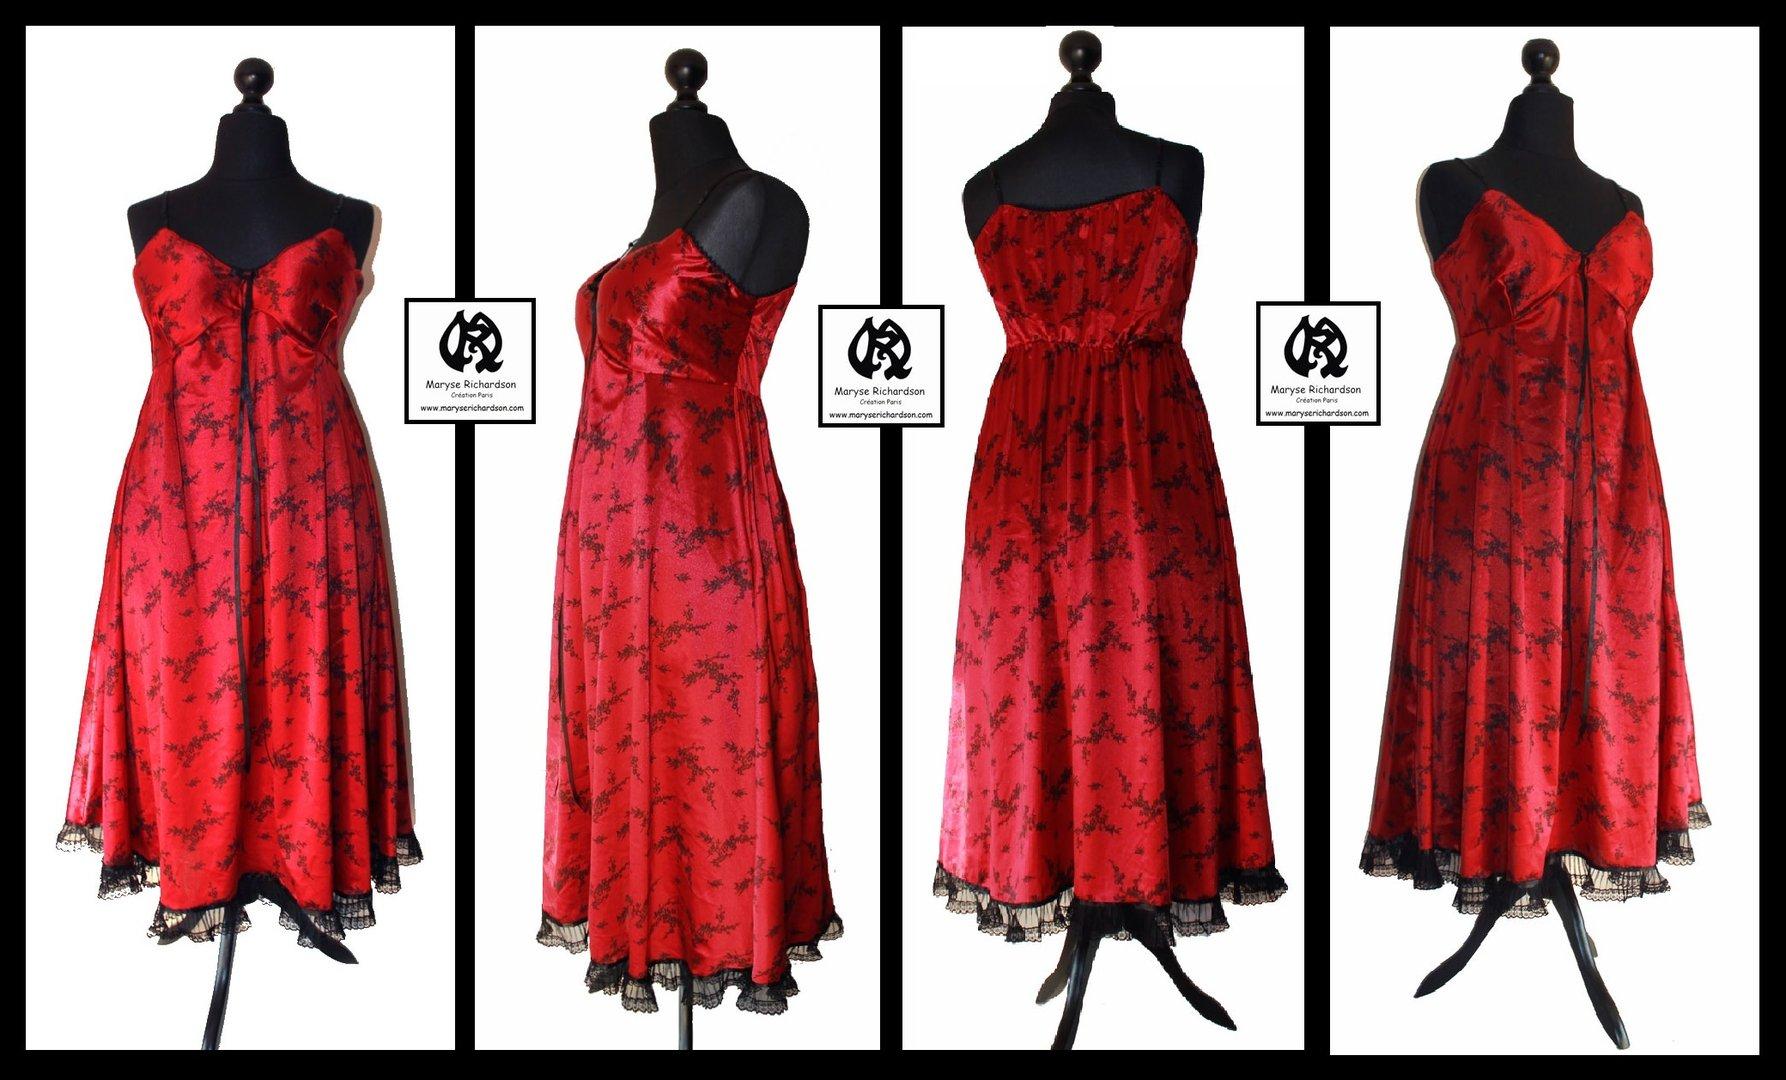 robe jersey lycra satin rouge imprim fleurs noires. Black Bedroom Furniture Sets. Home Design Ideas